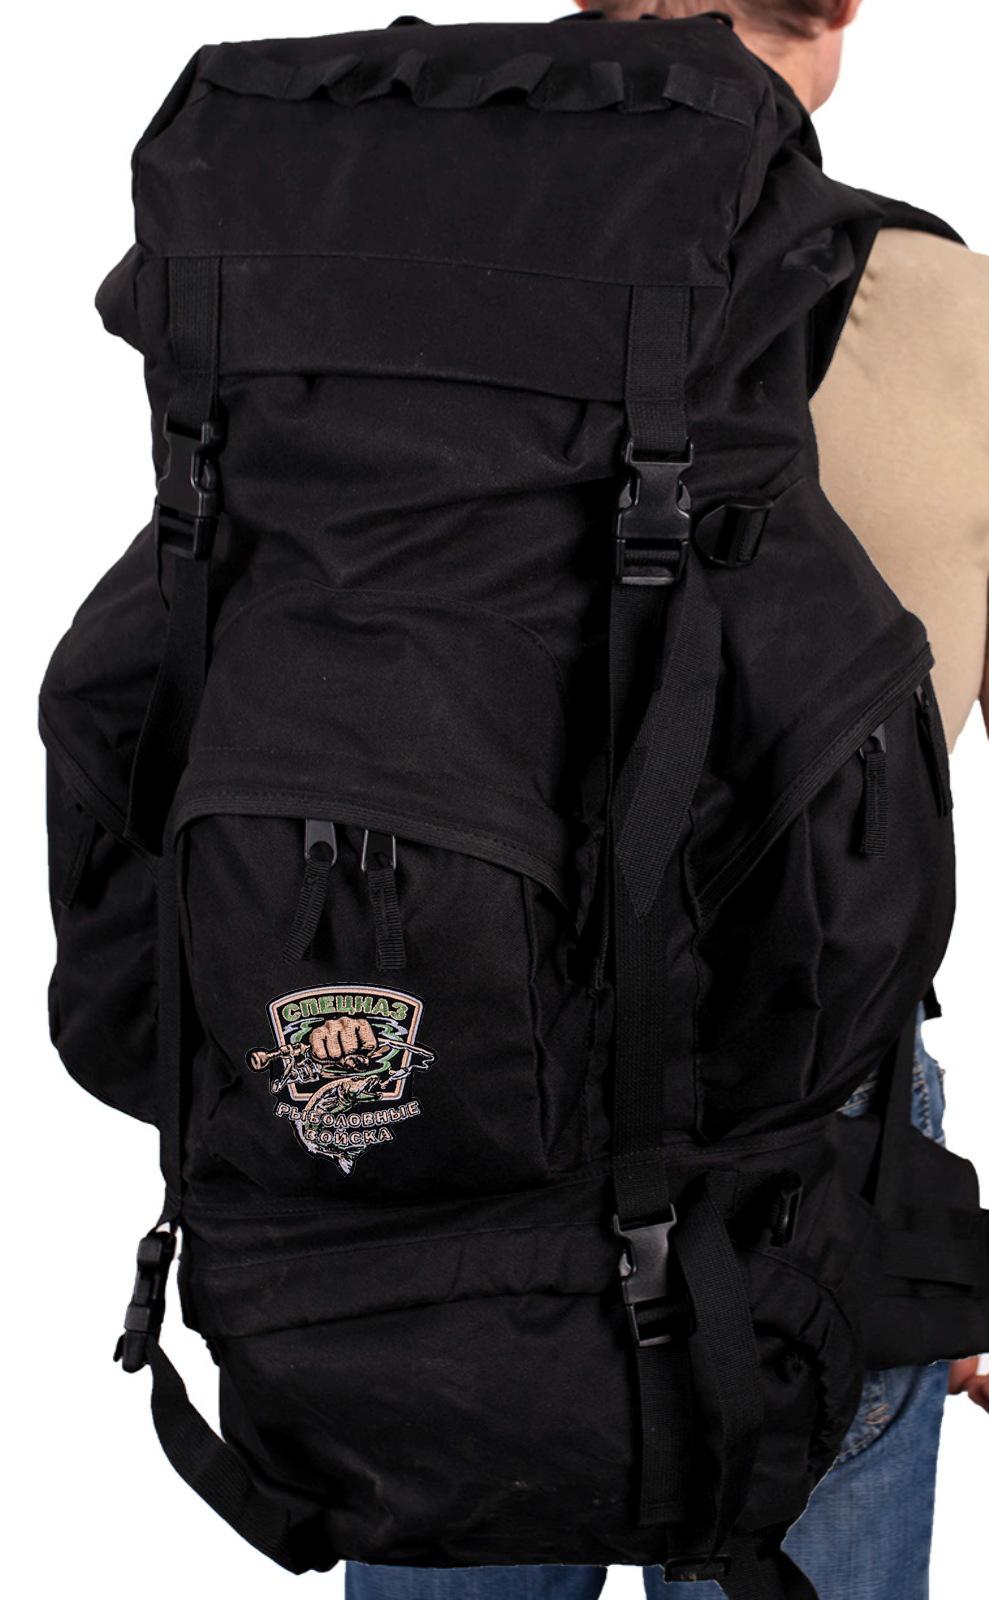 Многодневный серьезный рюкзак с нашивкой Рыболовный Спецназ